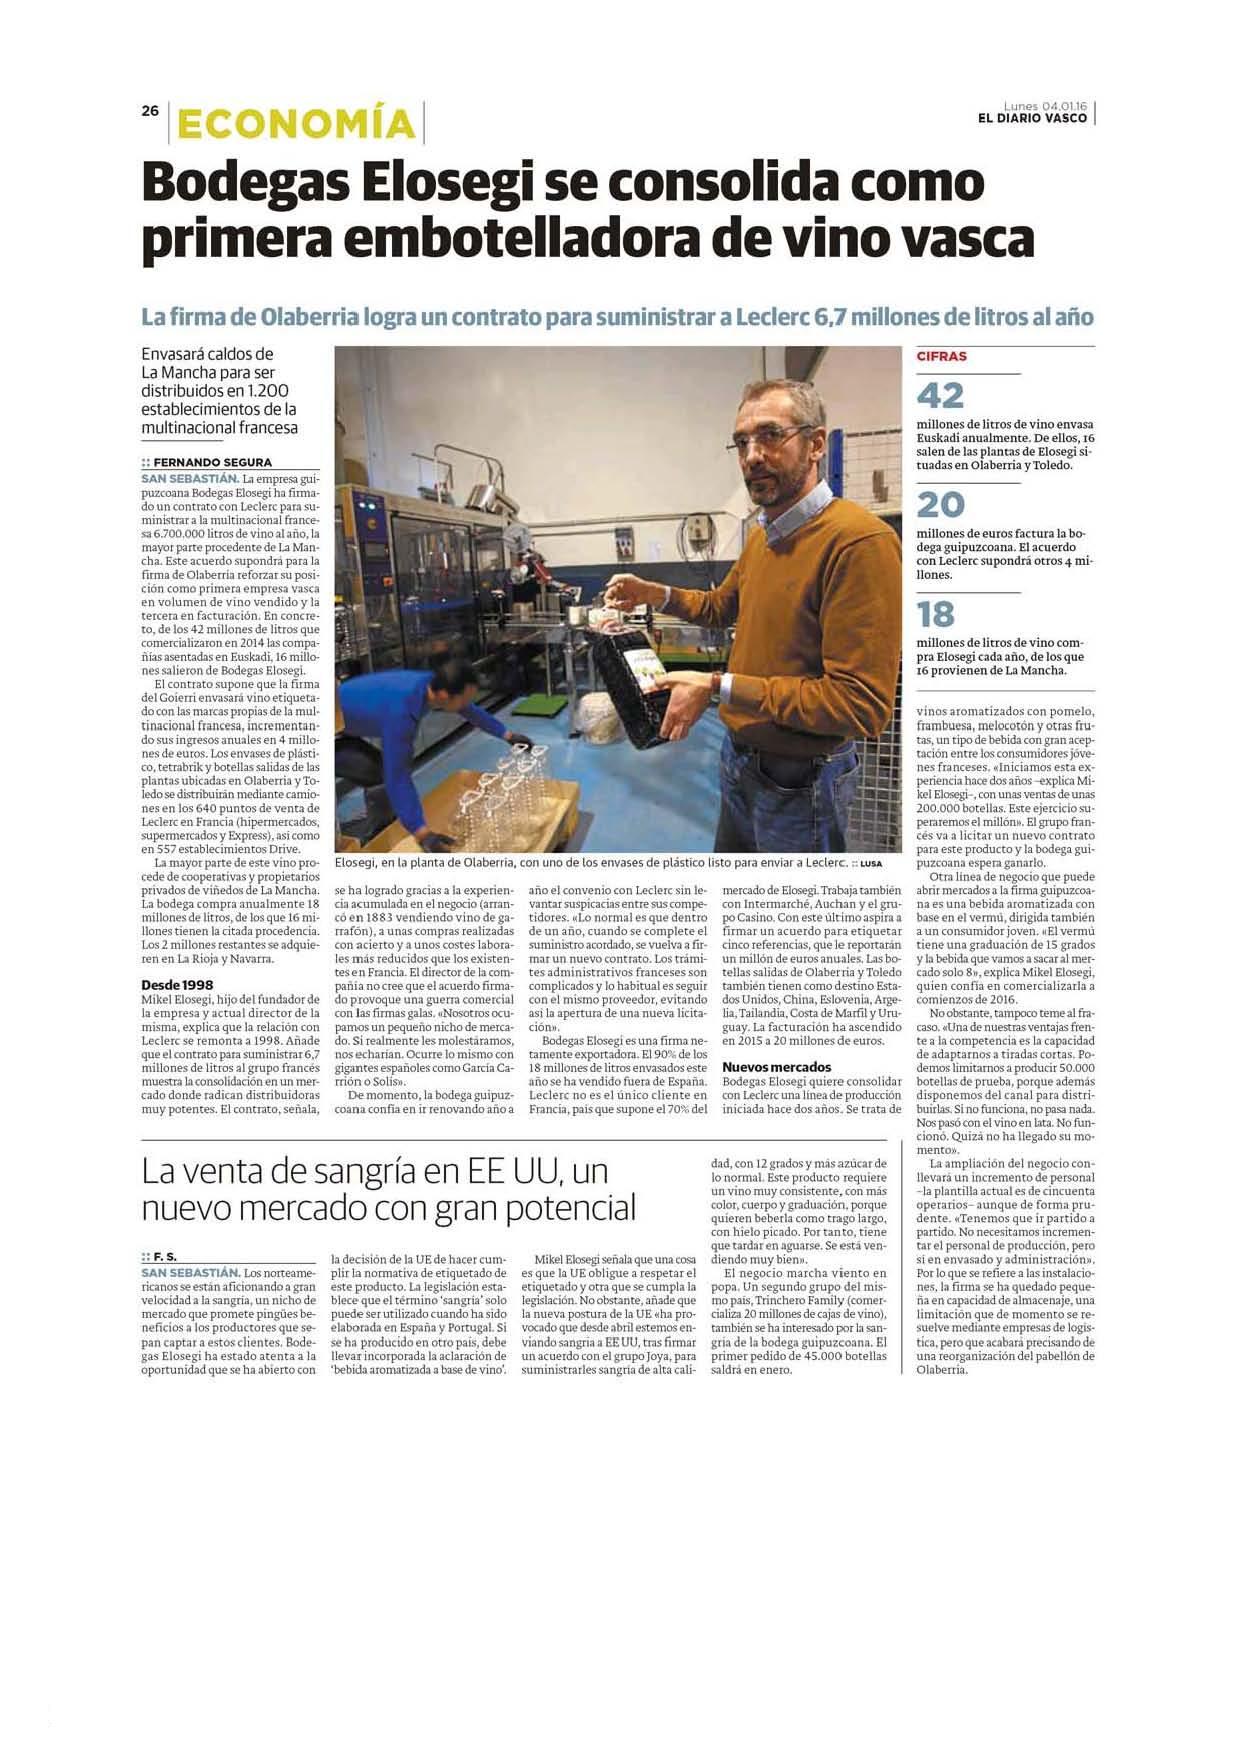 Bodegas Elosegi se presenta como lo que es, la empresa vasca que más vino comercializa